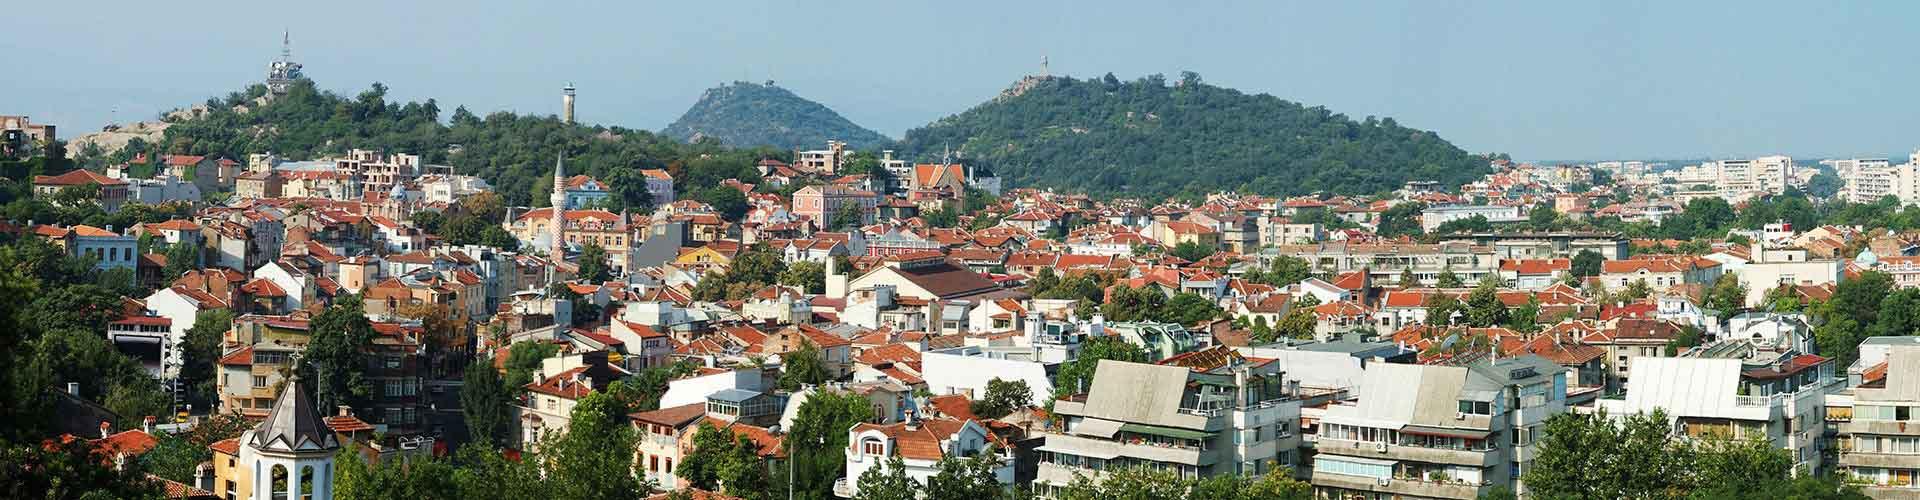 Plovdiv - Hotelek Stariya grad városrészen. Plovdiv térképek, fotók, és ajánlások minden egyes Plovdiv hotelről.